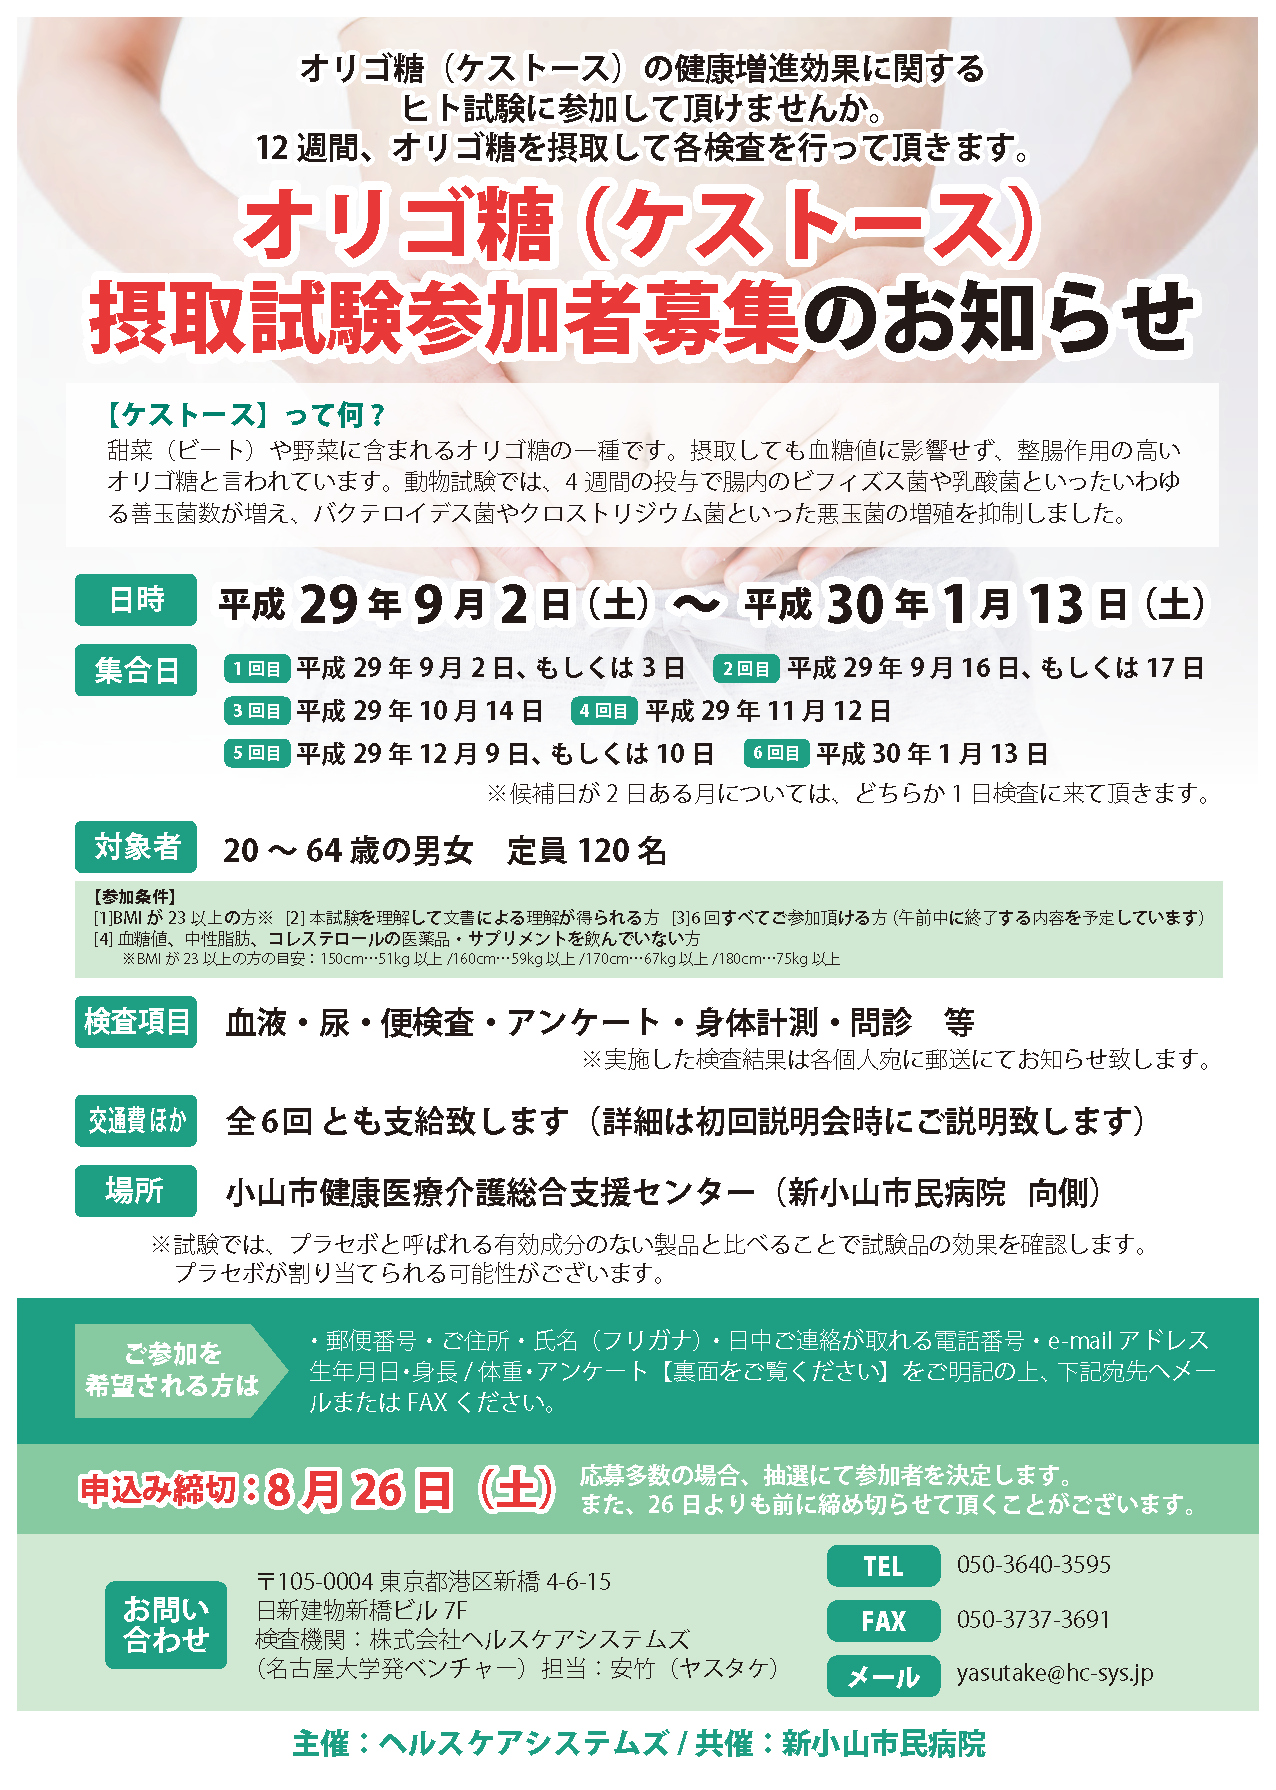 オリゴ糖摂取試験募集_rrr_ページ_1